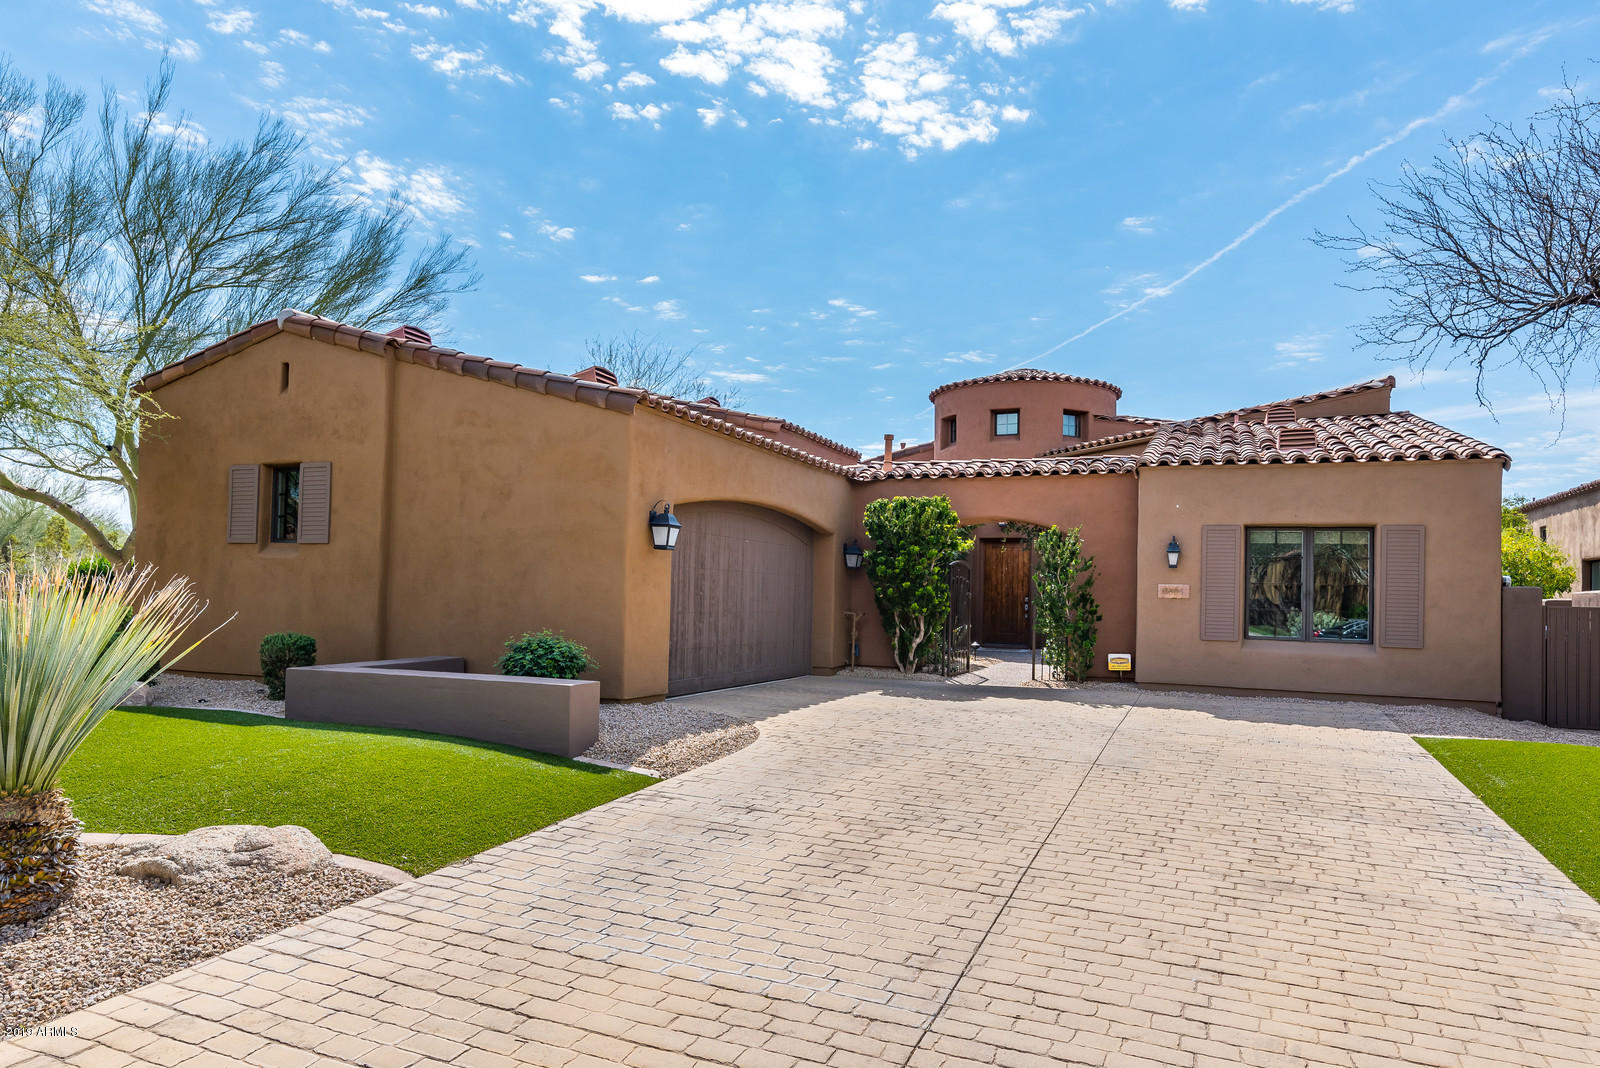 Photo of 8505 E ANGEL SPIRIT Drive, Scottsdale, AZ 85255